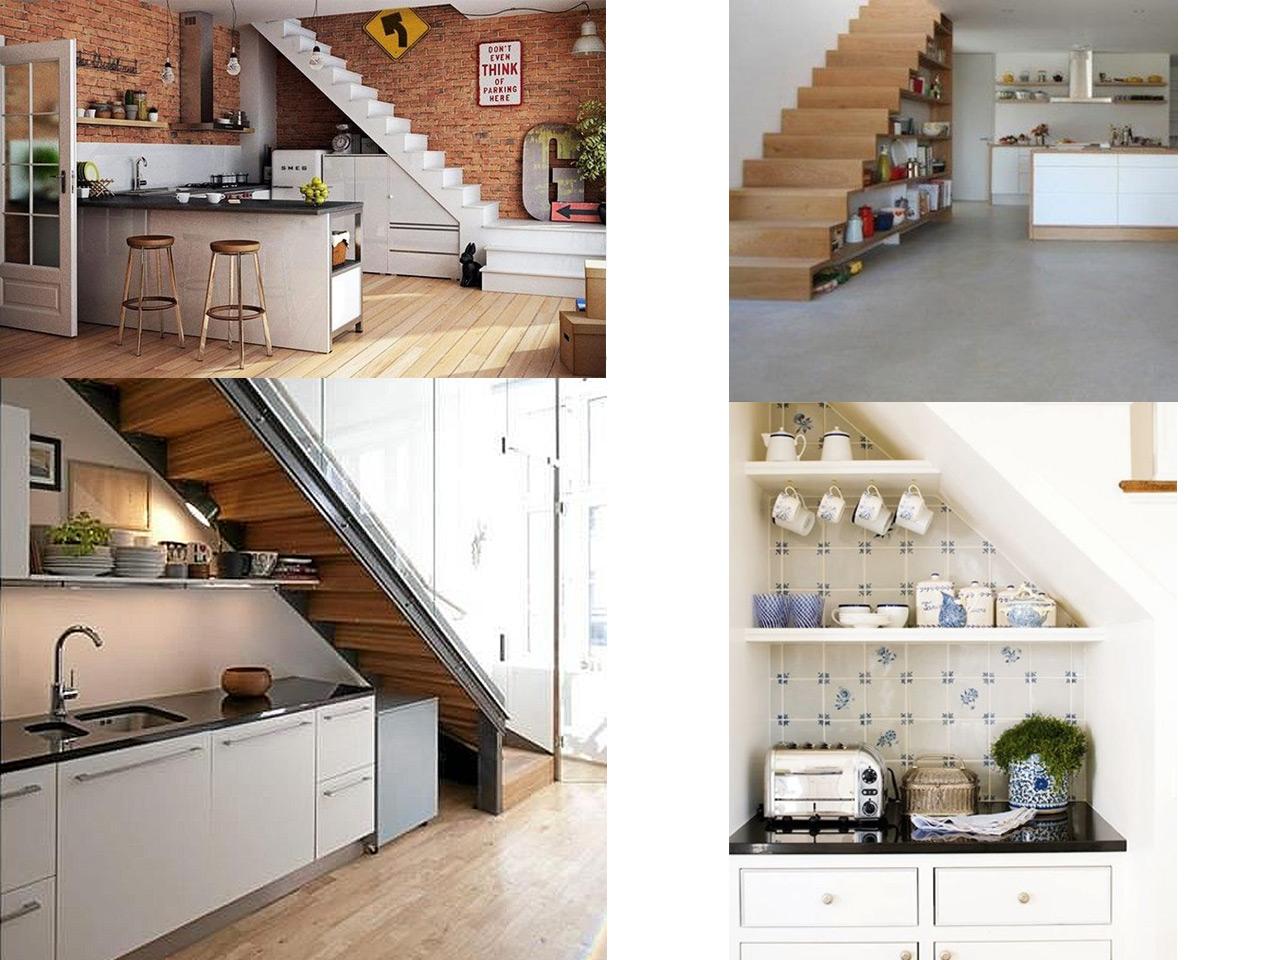 9 ideas de c mo aprovechar espacios debajo de escaleras for Como cerrar una escalera interior